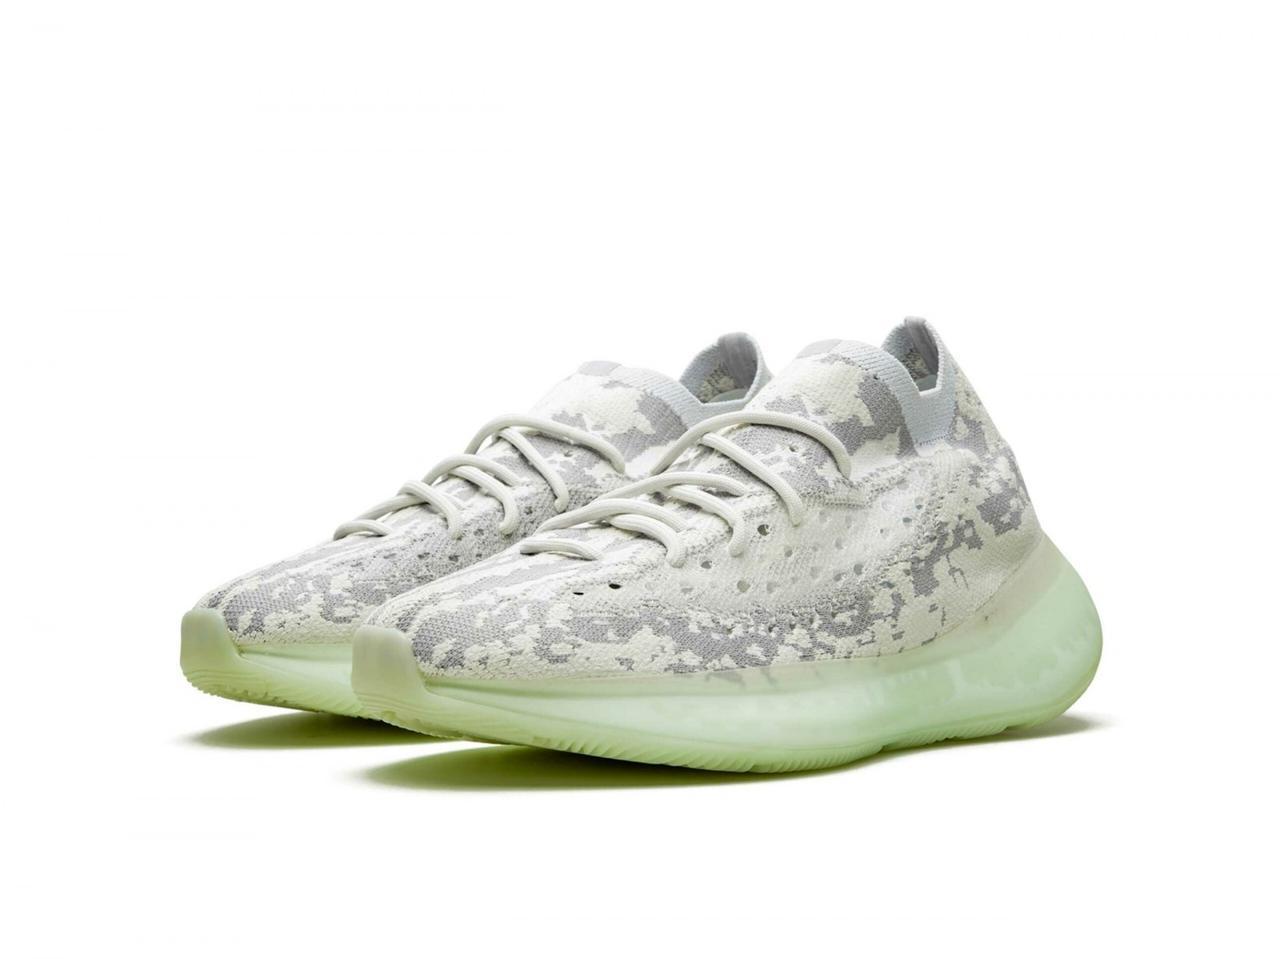 Чоловічі кросівки Adidas Yeezy Boost 380 Alien / кросівки Адідас Ізі Бост 380 (Топ репліка ААА+)